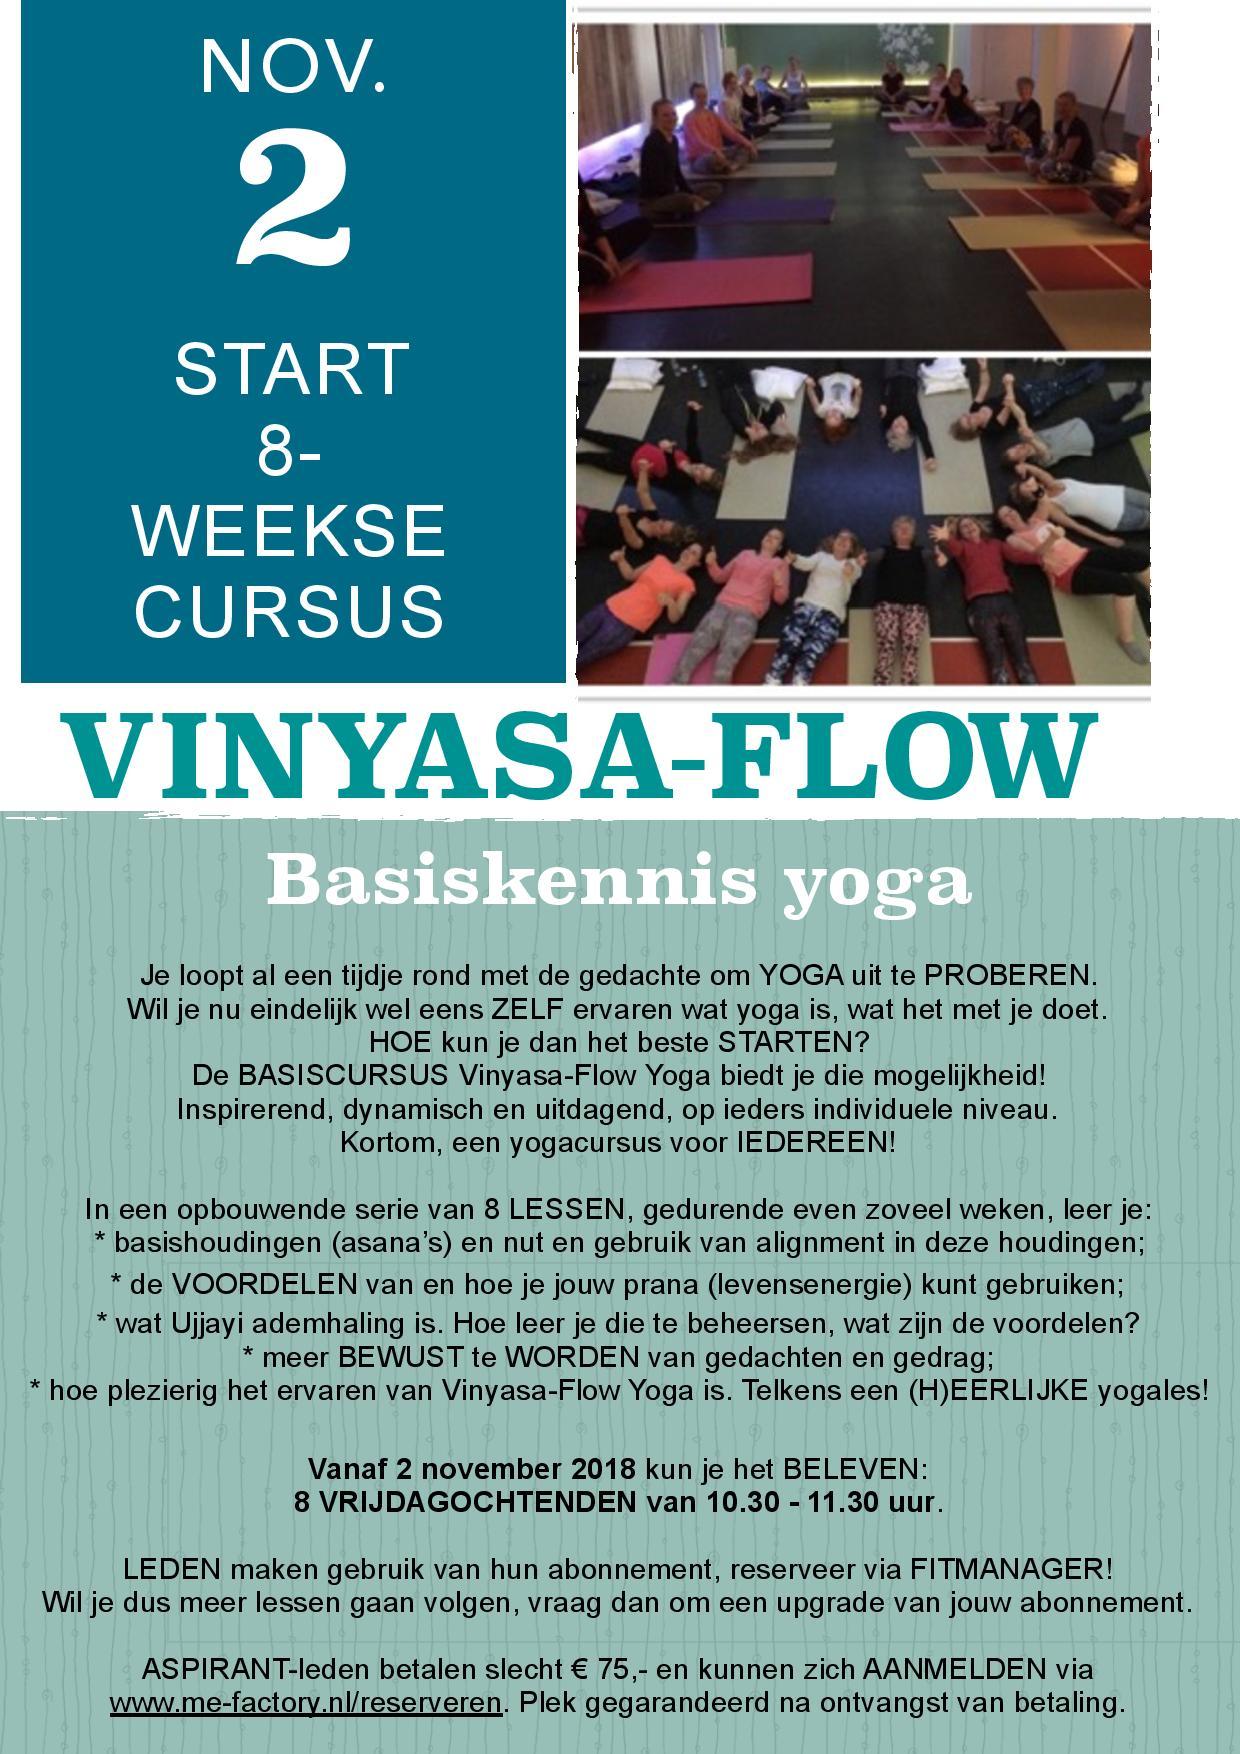 Cursus Vinyasa Flow vanaf 2 november